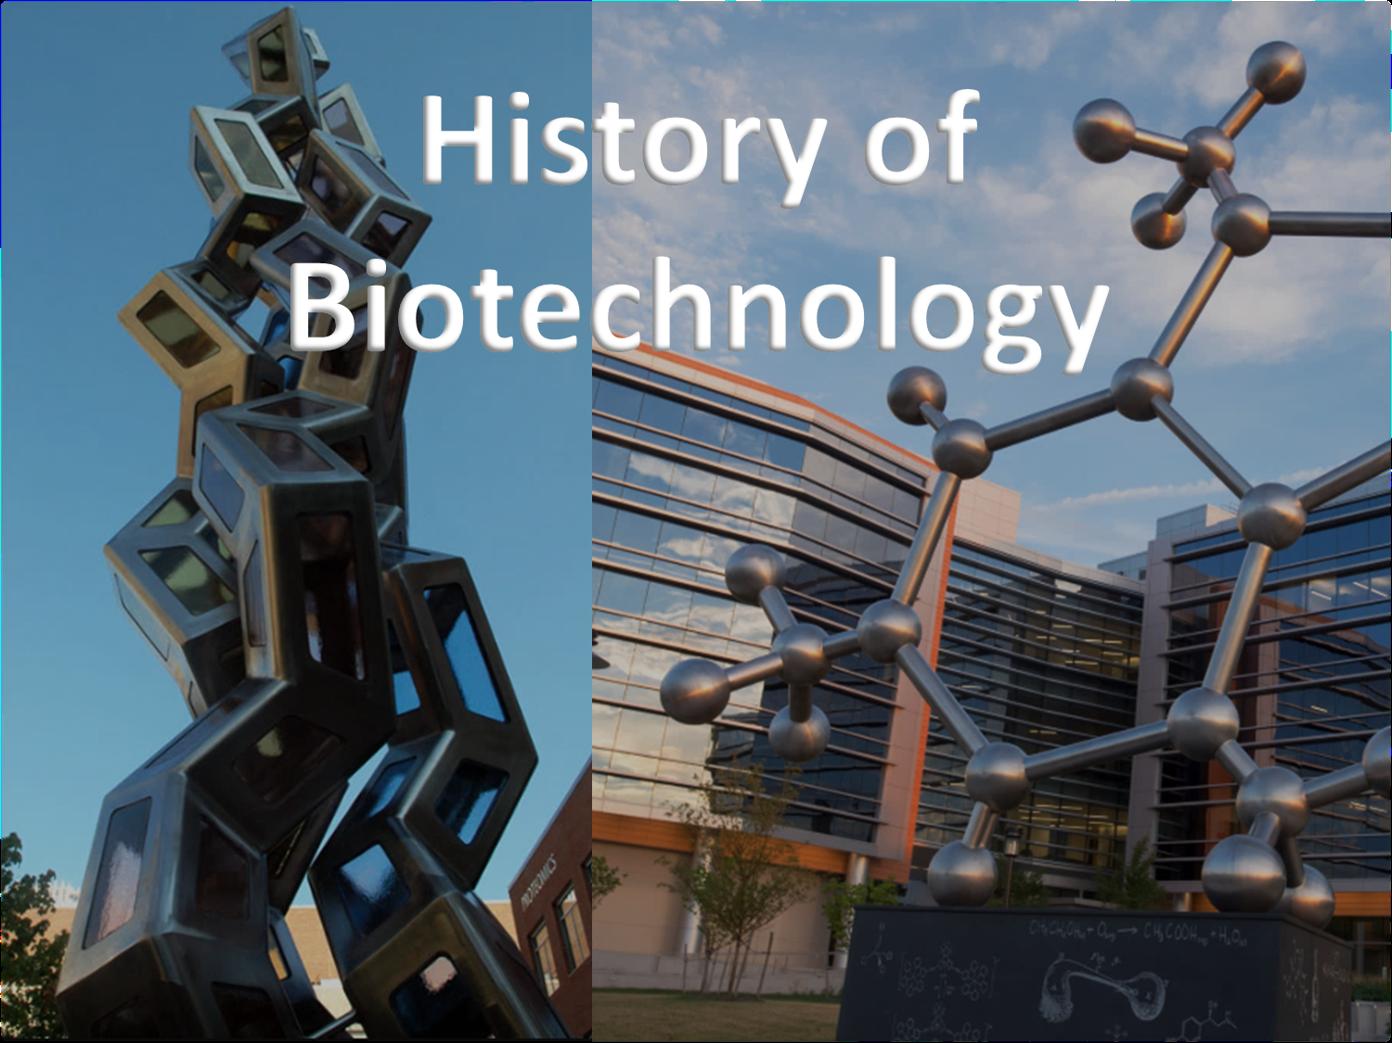 biotech-image.png